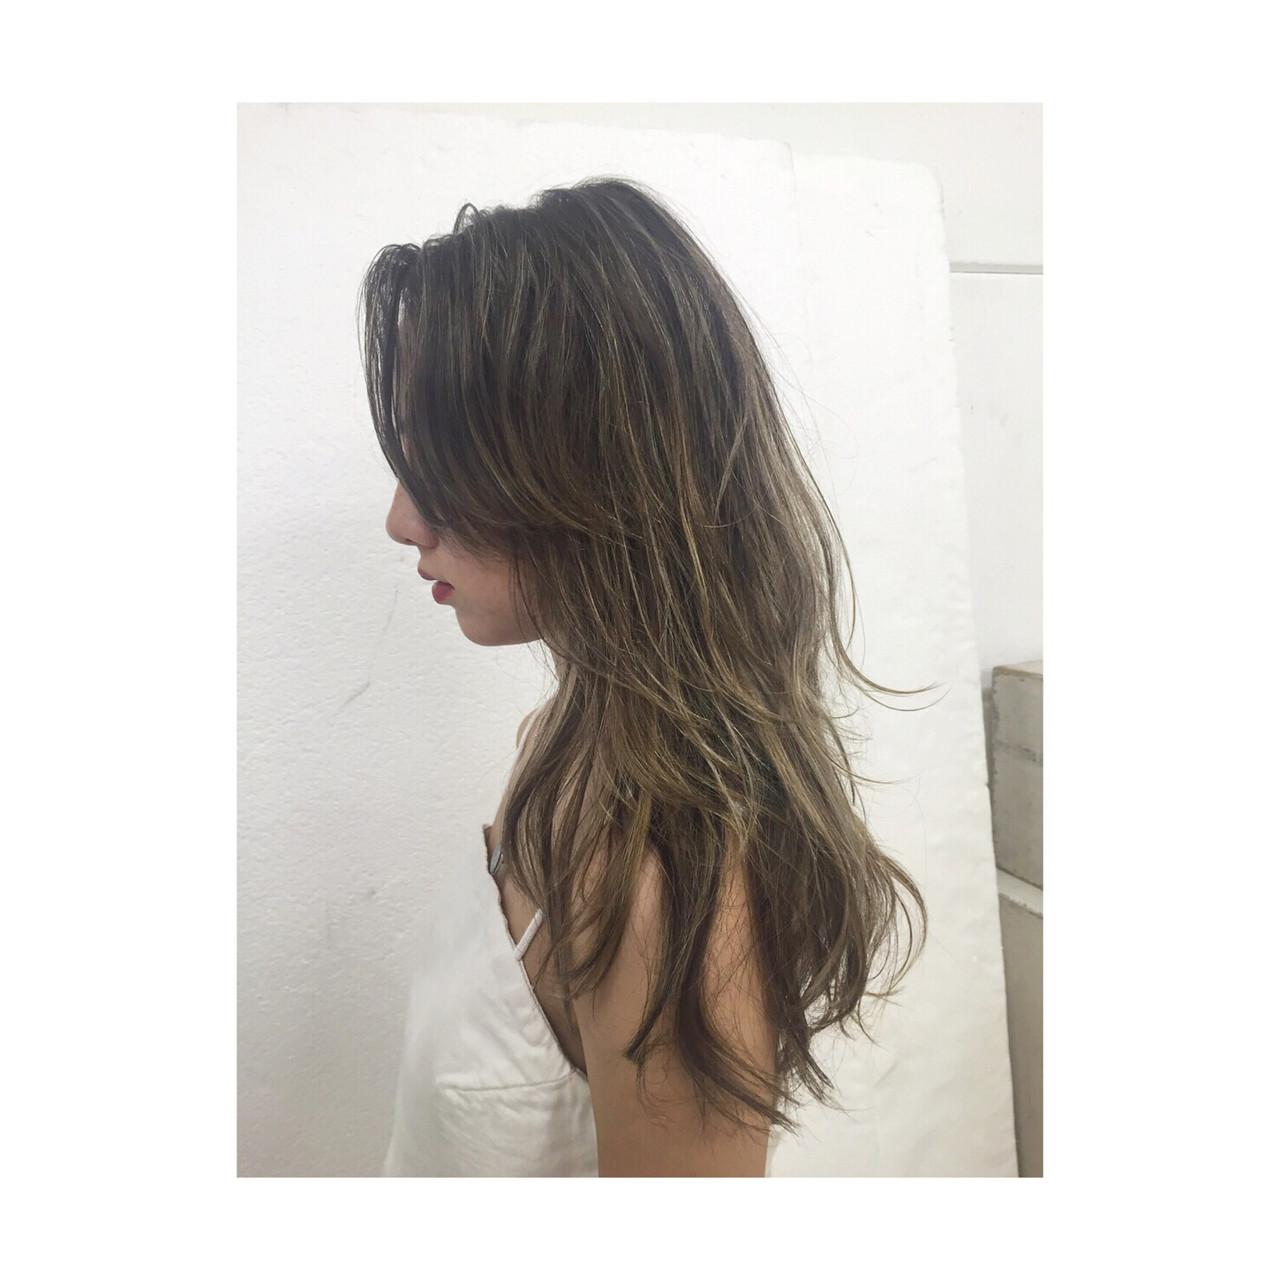 ナチュラル 地毛ハイライト ヘルシー ロング ヘアスタイルや髪型の写真・画像